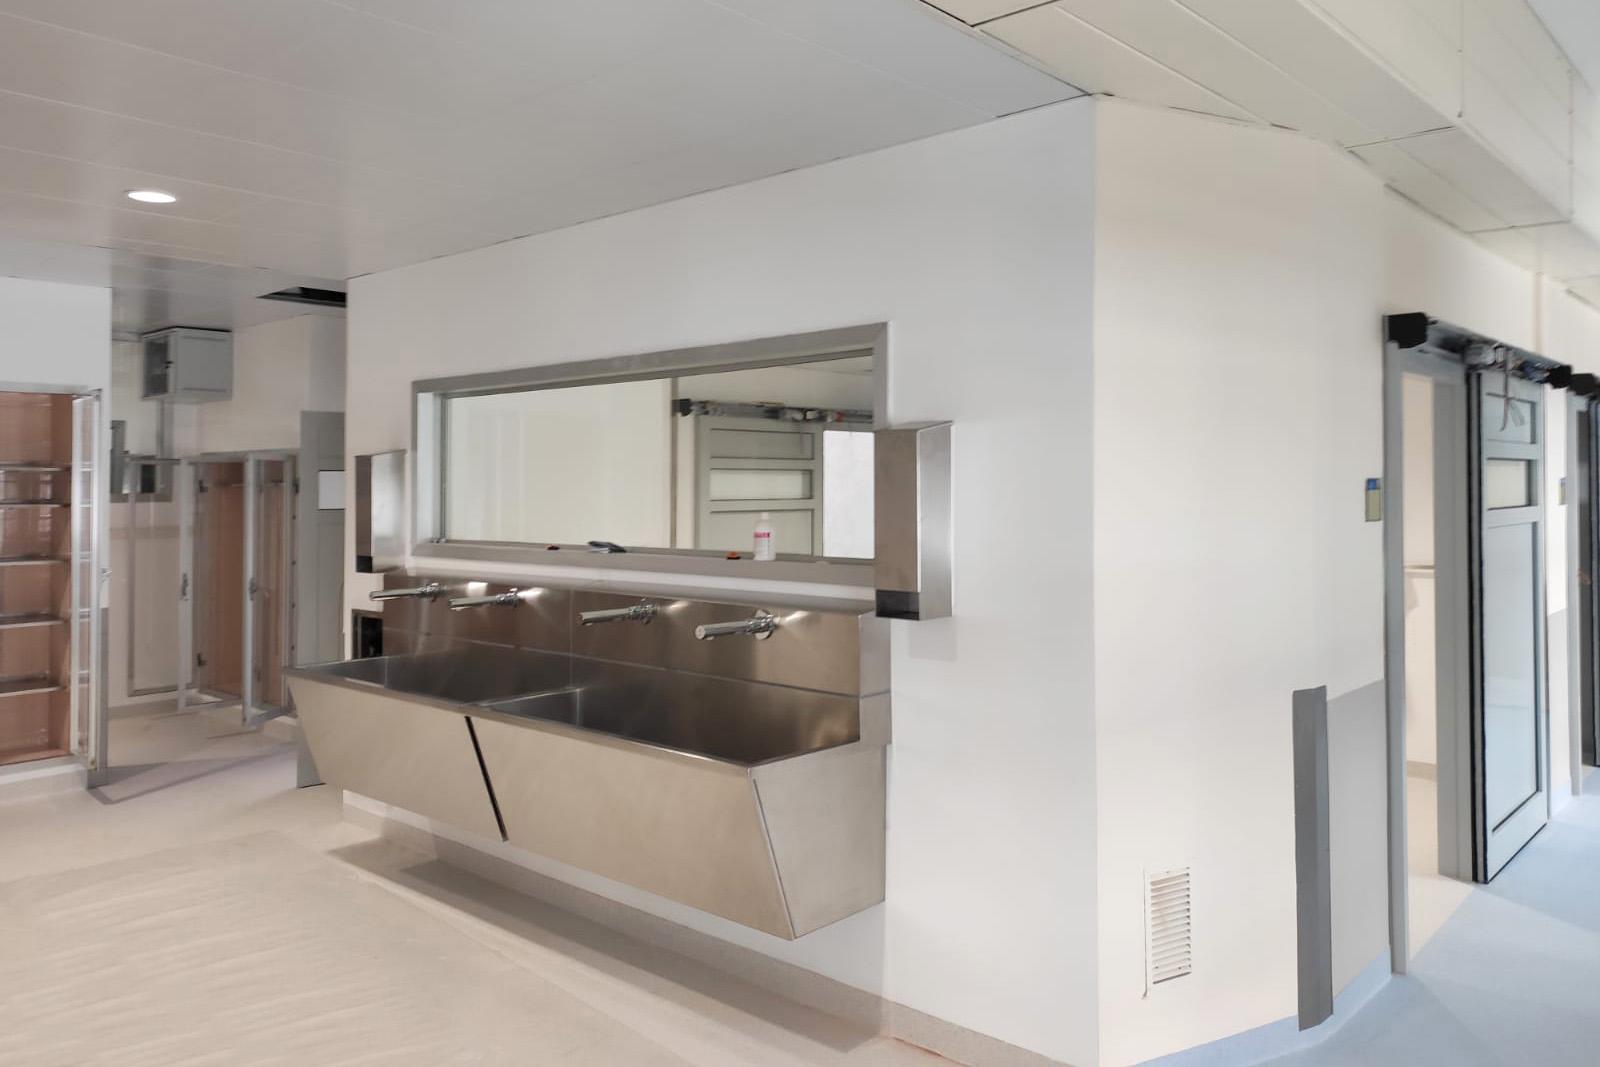 termoidraulica sanitaria - impianti climatizzazione ospedali cliniche vicenza